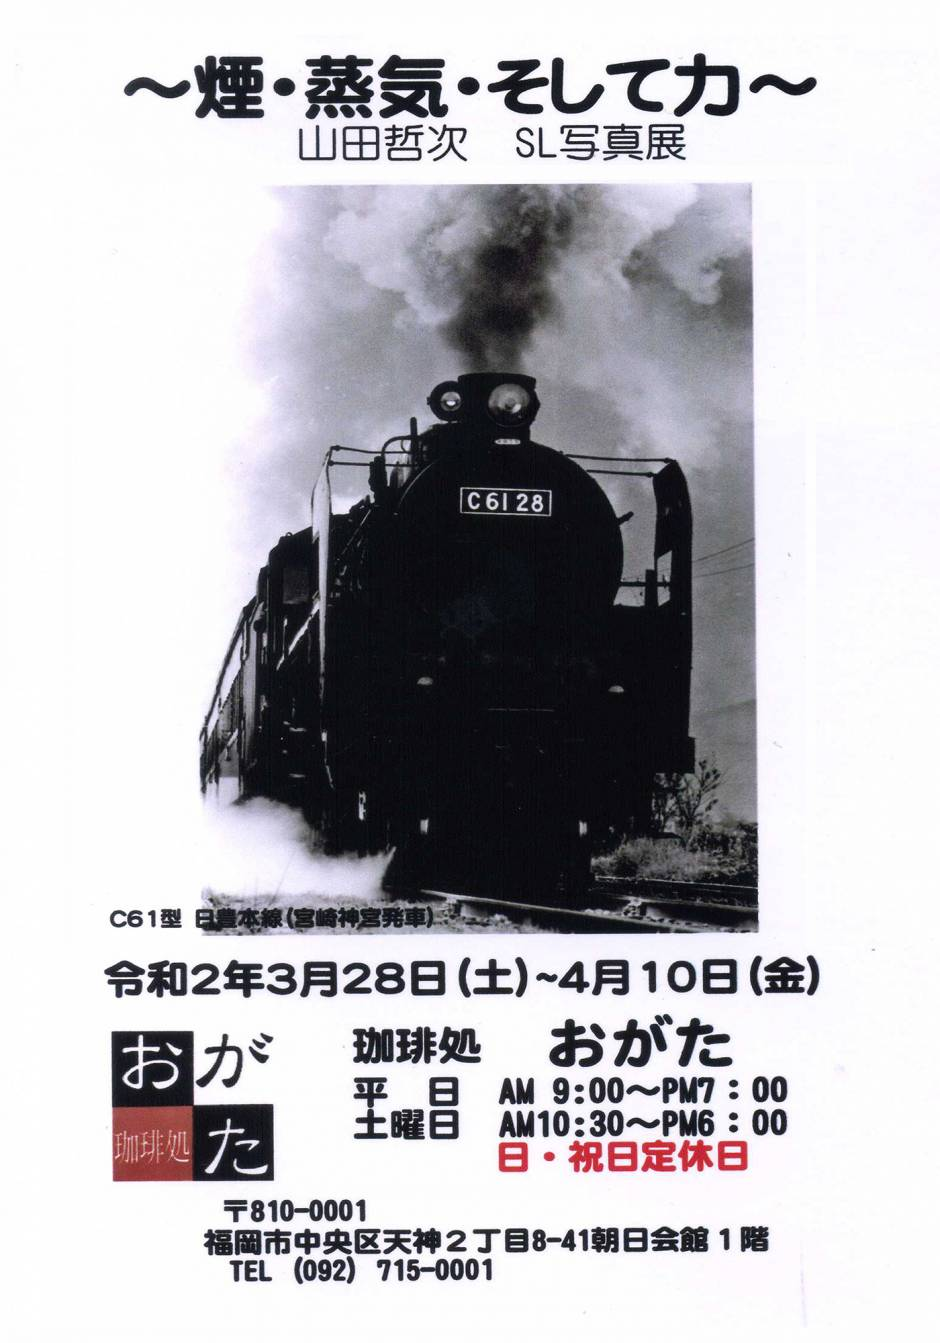 山田哲次氏「~煙・蒸気・そして力~」SL写真展のお知らせ!